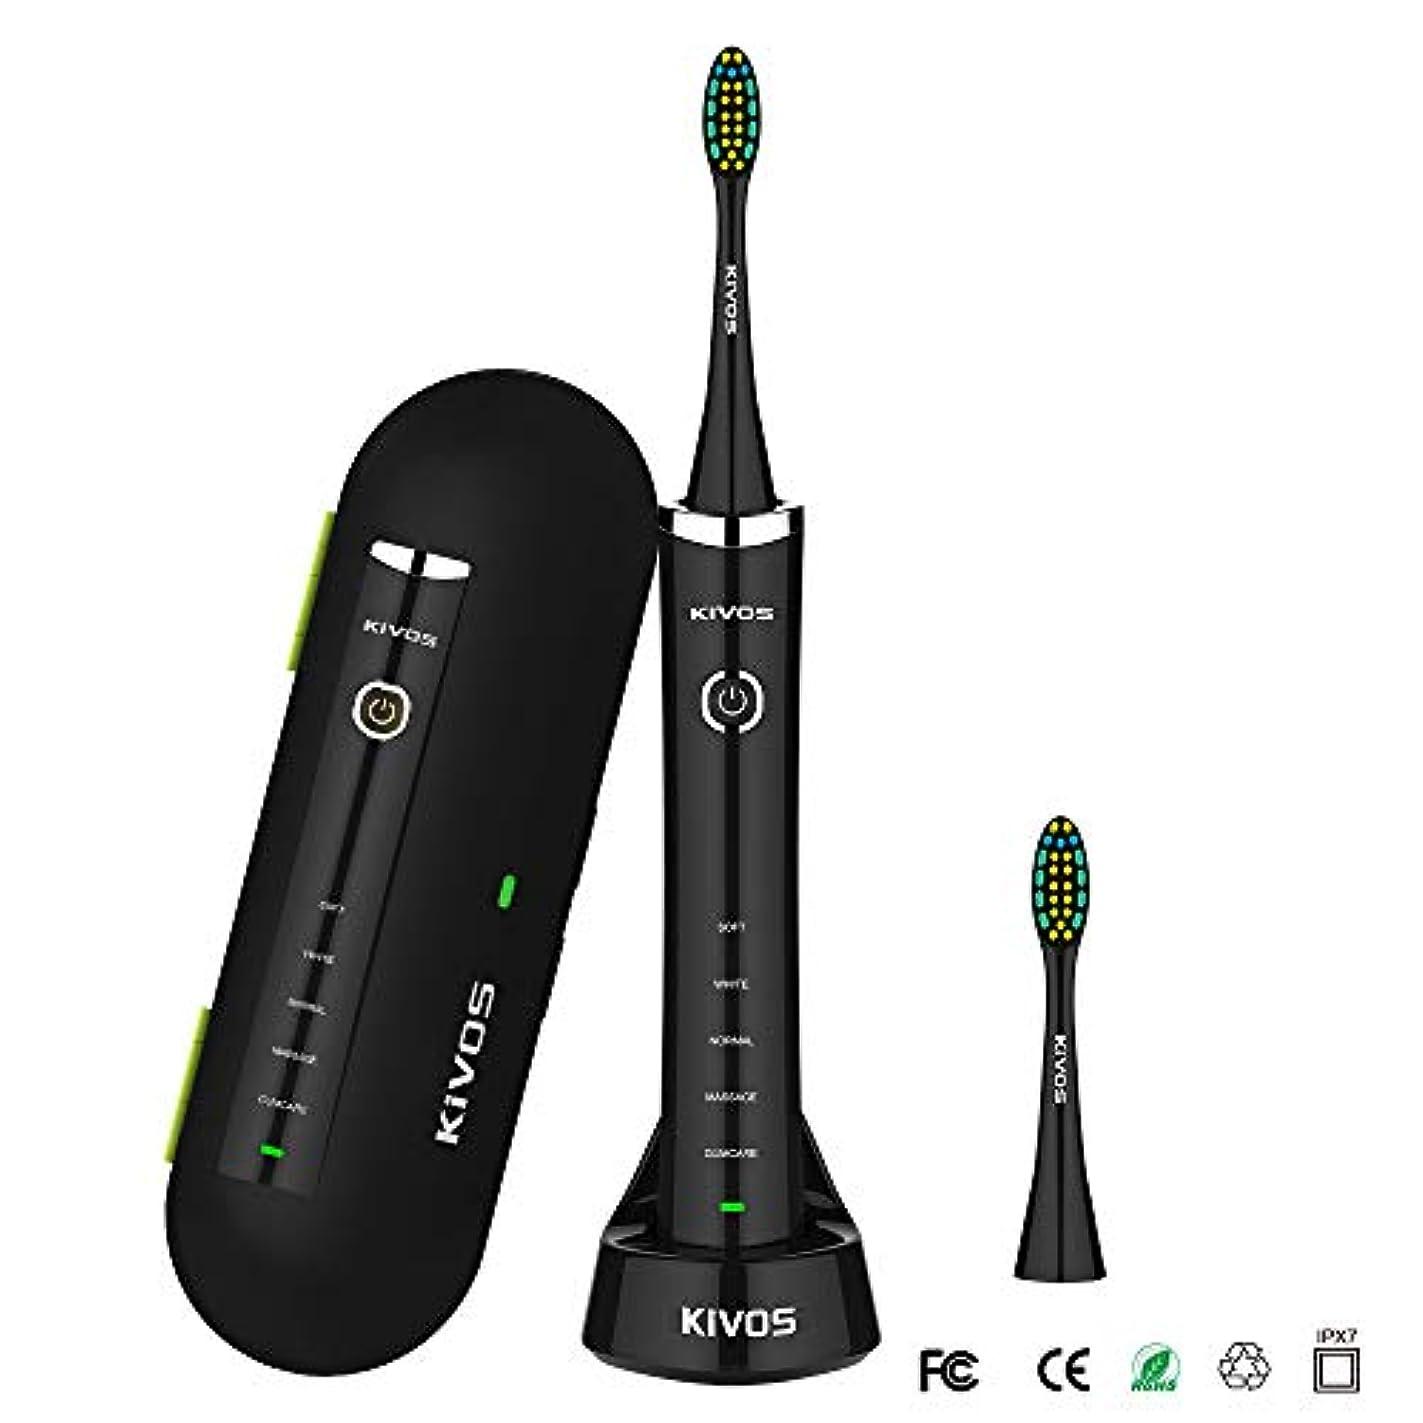 限りなく郵便低下KIVOS 電動歯ブラシ音波歯ブラシ 無接点充電式 電動歯ぶらし歯ブラシ歯ブラシ収納ケース歯みがき 電動はぶらし IPX7防水 旅行出張に最適 ワイヤレス充電 (S8102(ブラック))